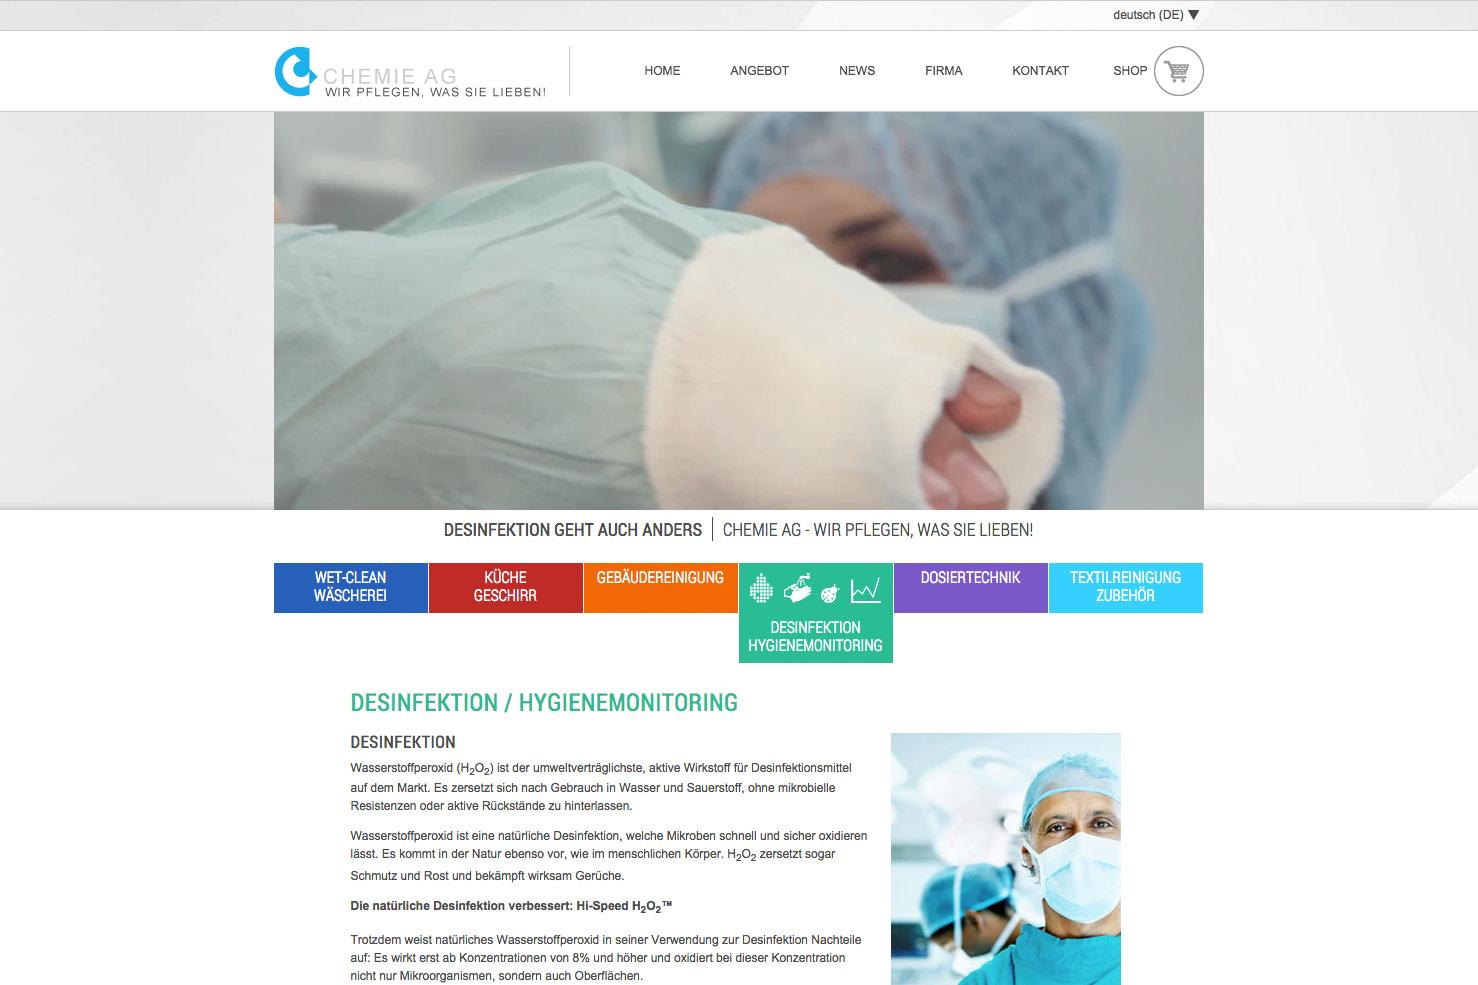 Bild 2 vom Chemie AG Webseite / Shop